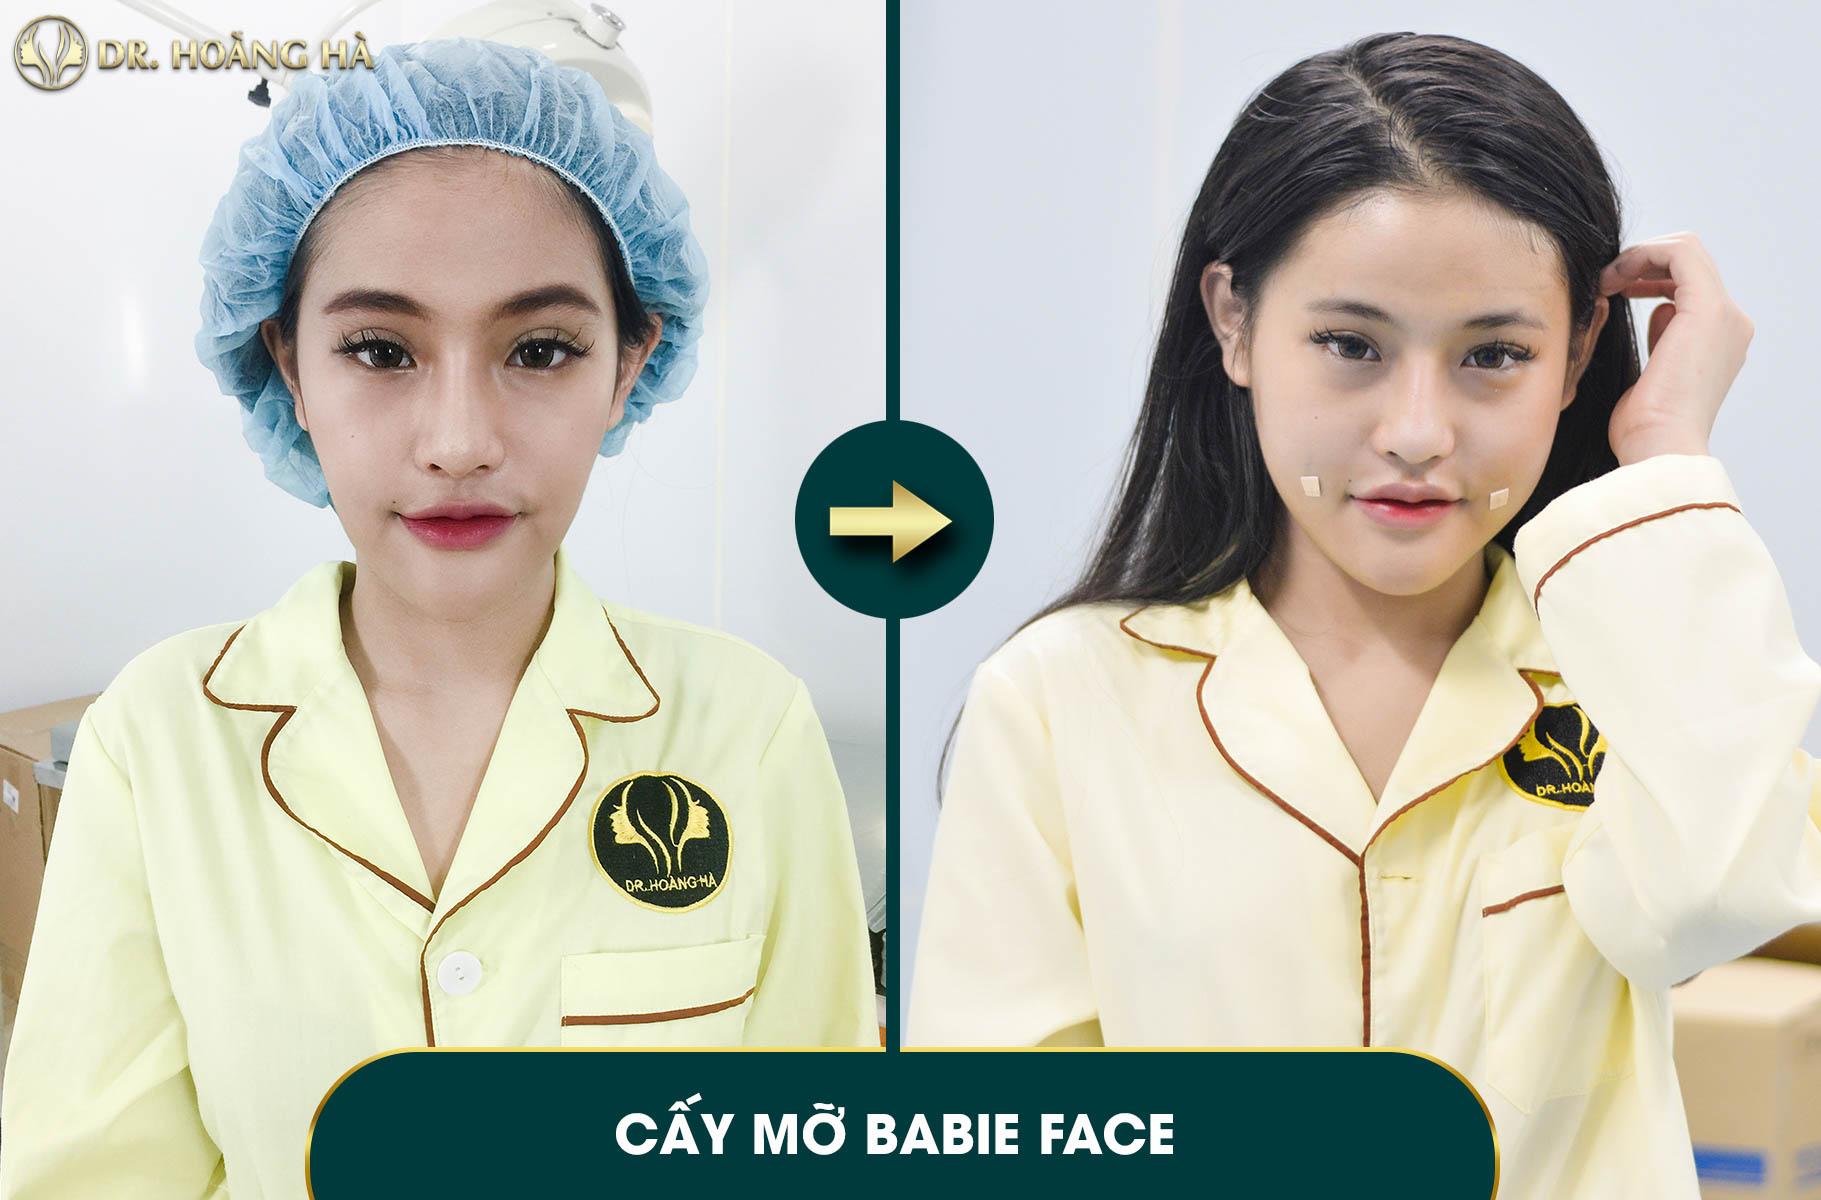 Cấy mỡ baby face làm cho khuôn mặt căng đầy, vùng thái dương rộng hơn